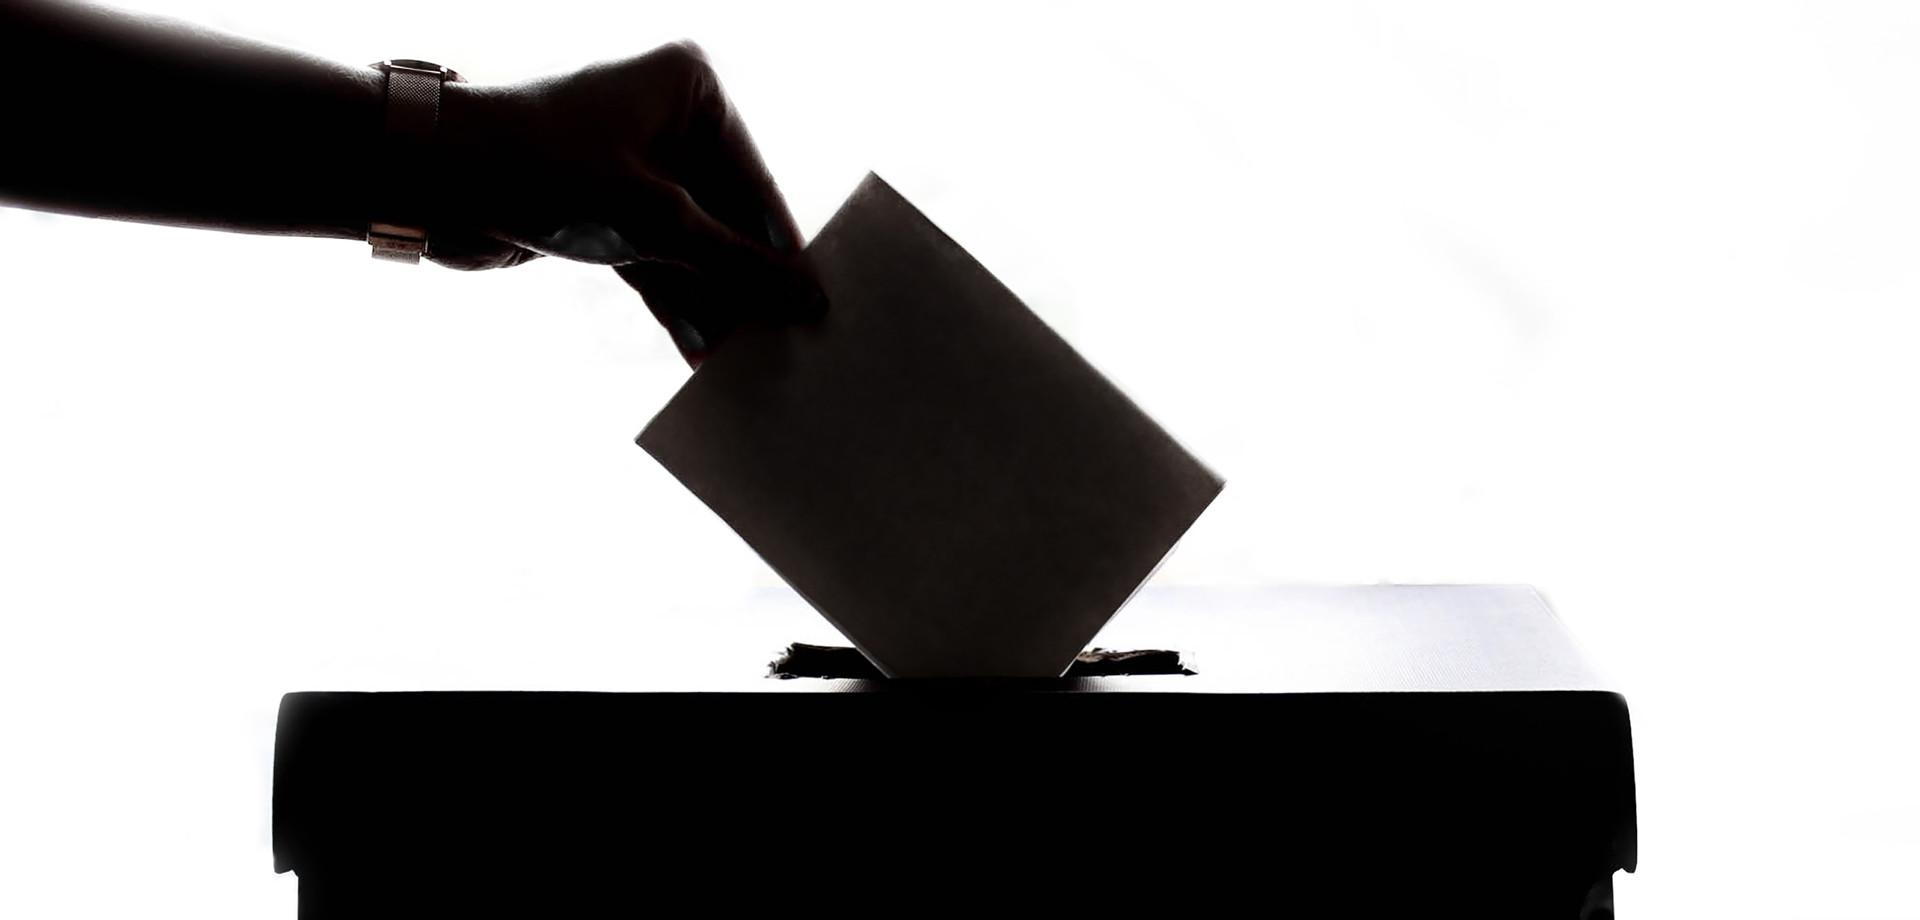 Ruskí hackeri prenikli do amerických databáz voličov